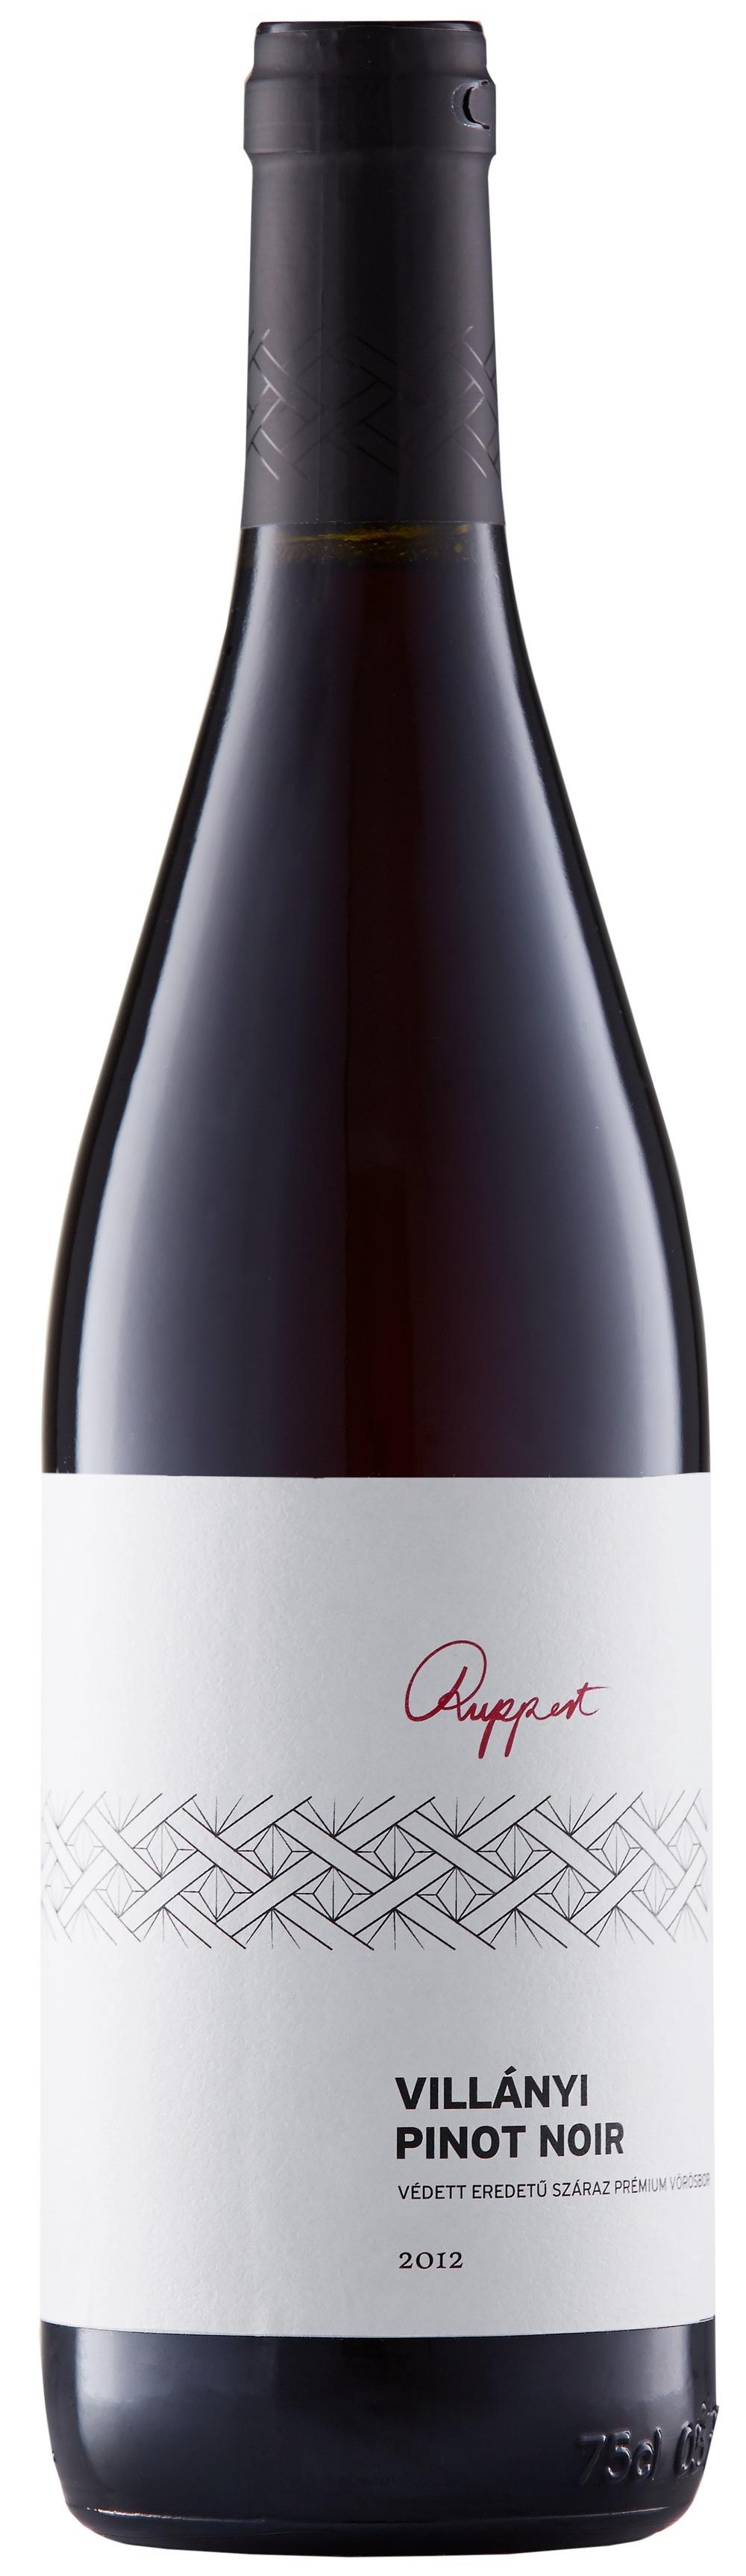 Ruppert Pinot Noir